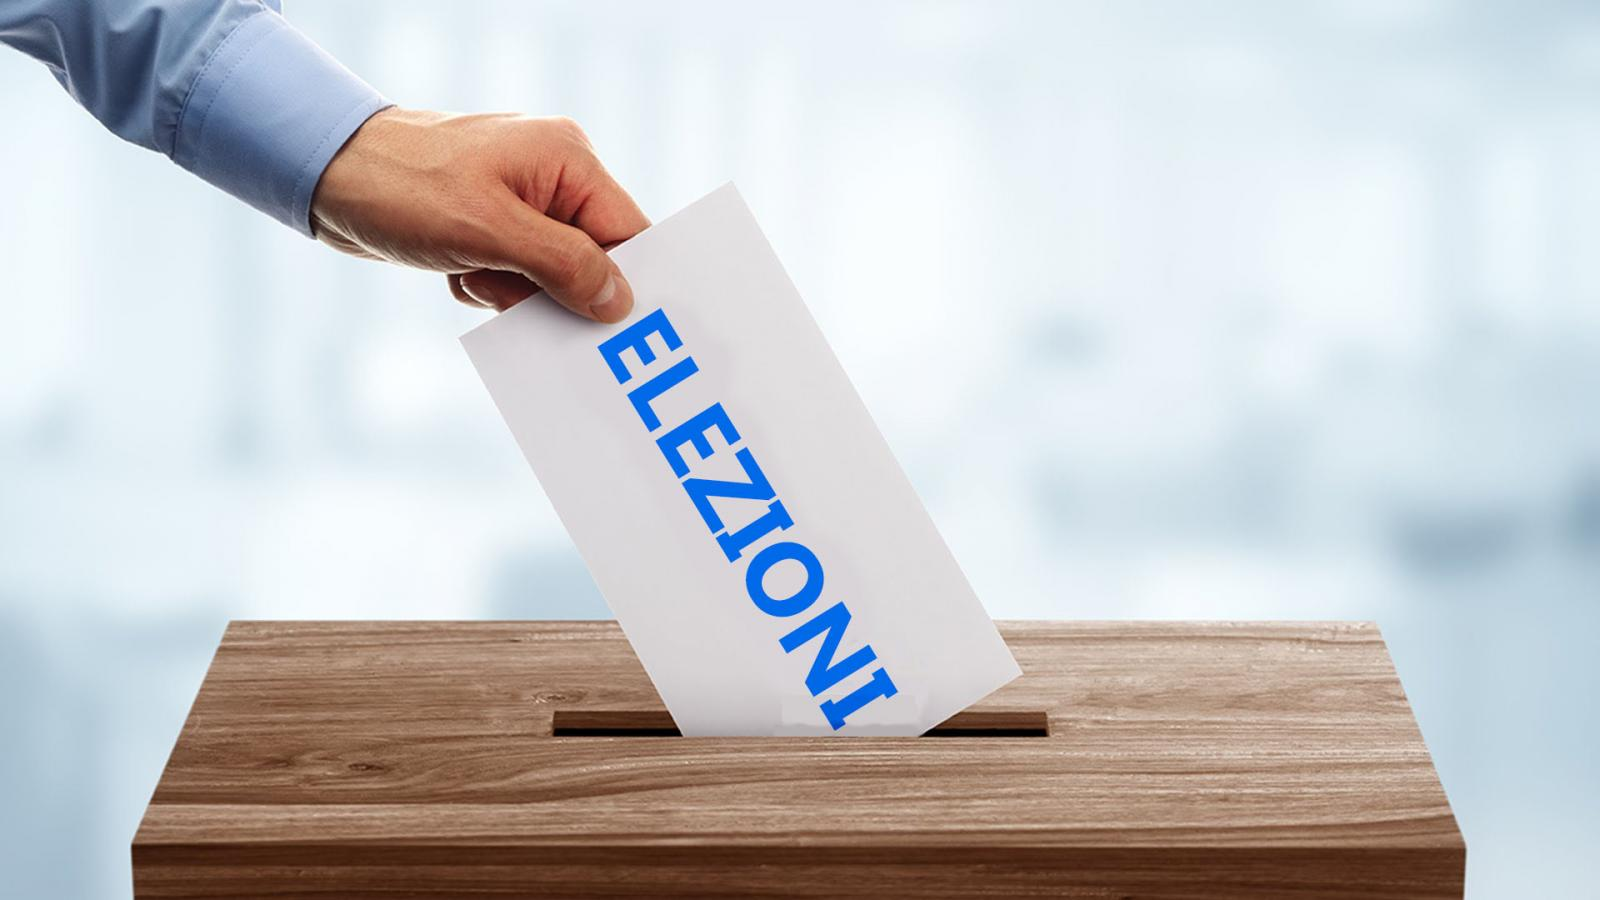 Avviso: sara' possibile votare dalle 7 alle 23 di domenica 3 e dalle 7 alle 15 di lunedi' 4